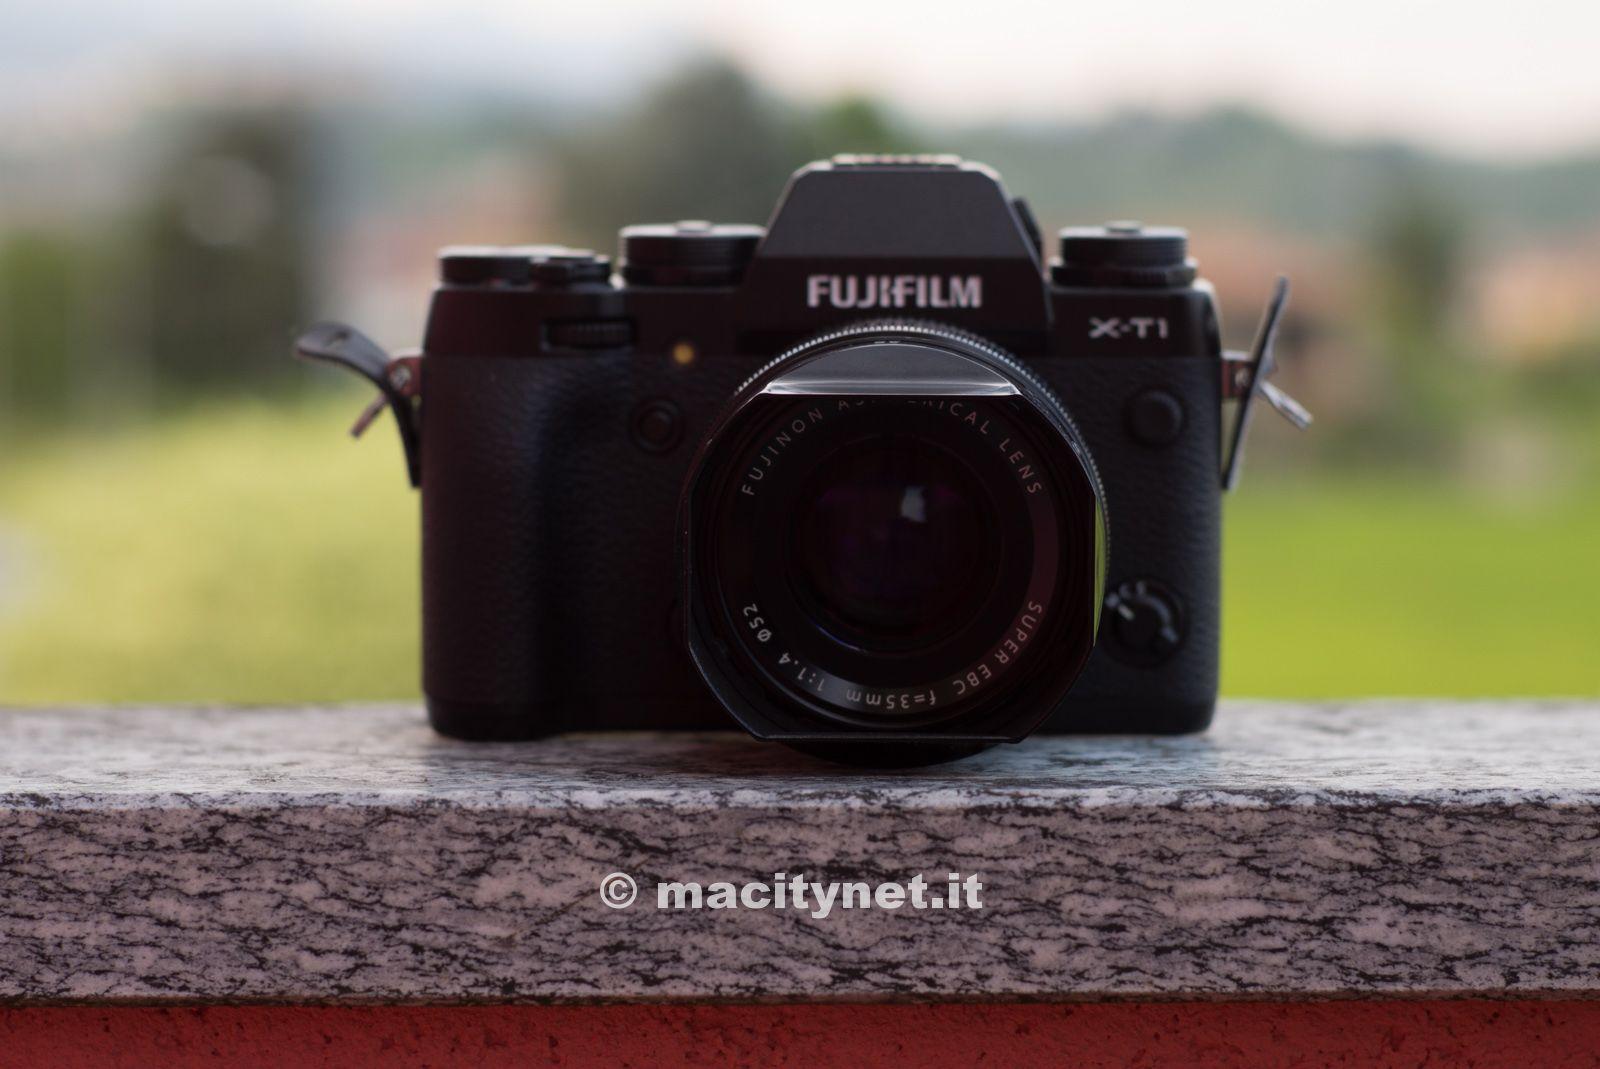 Fujifilm X-T1 è la miglior mirroless secondo 30 esperti del settore